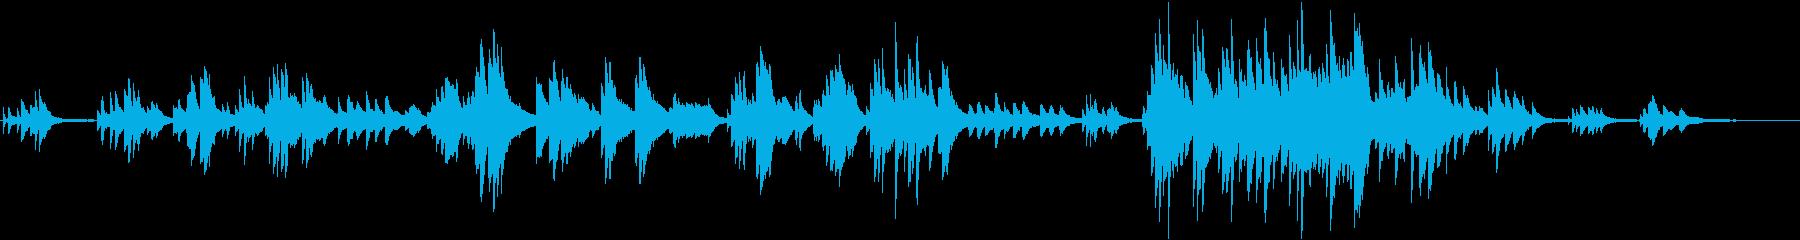 しっとり切ない アンビエントなピアノソロの再生済みの波形